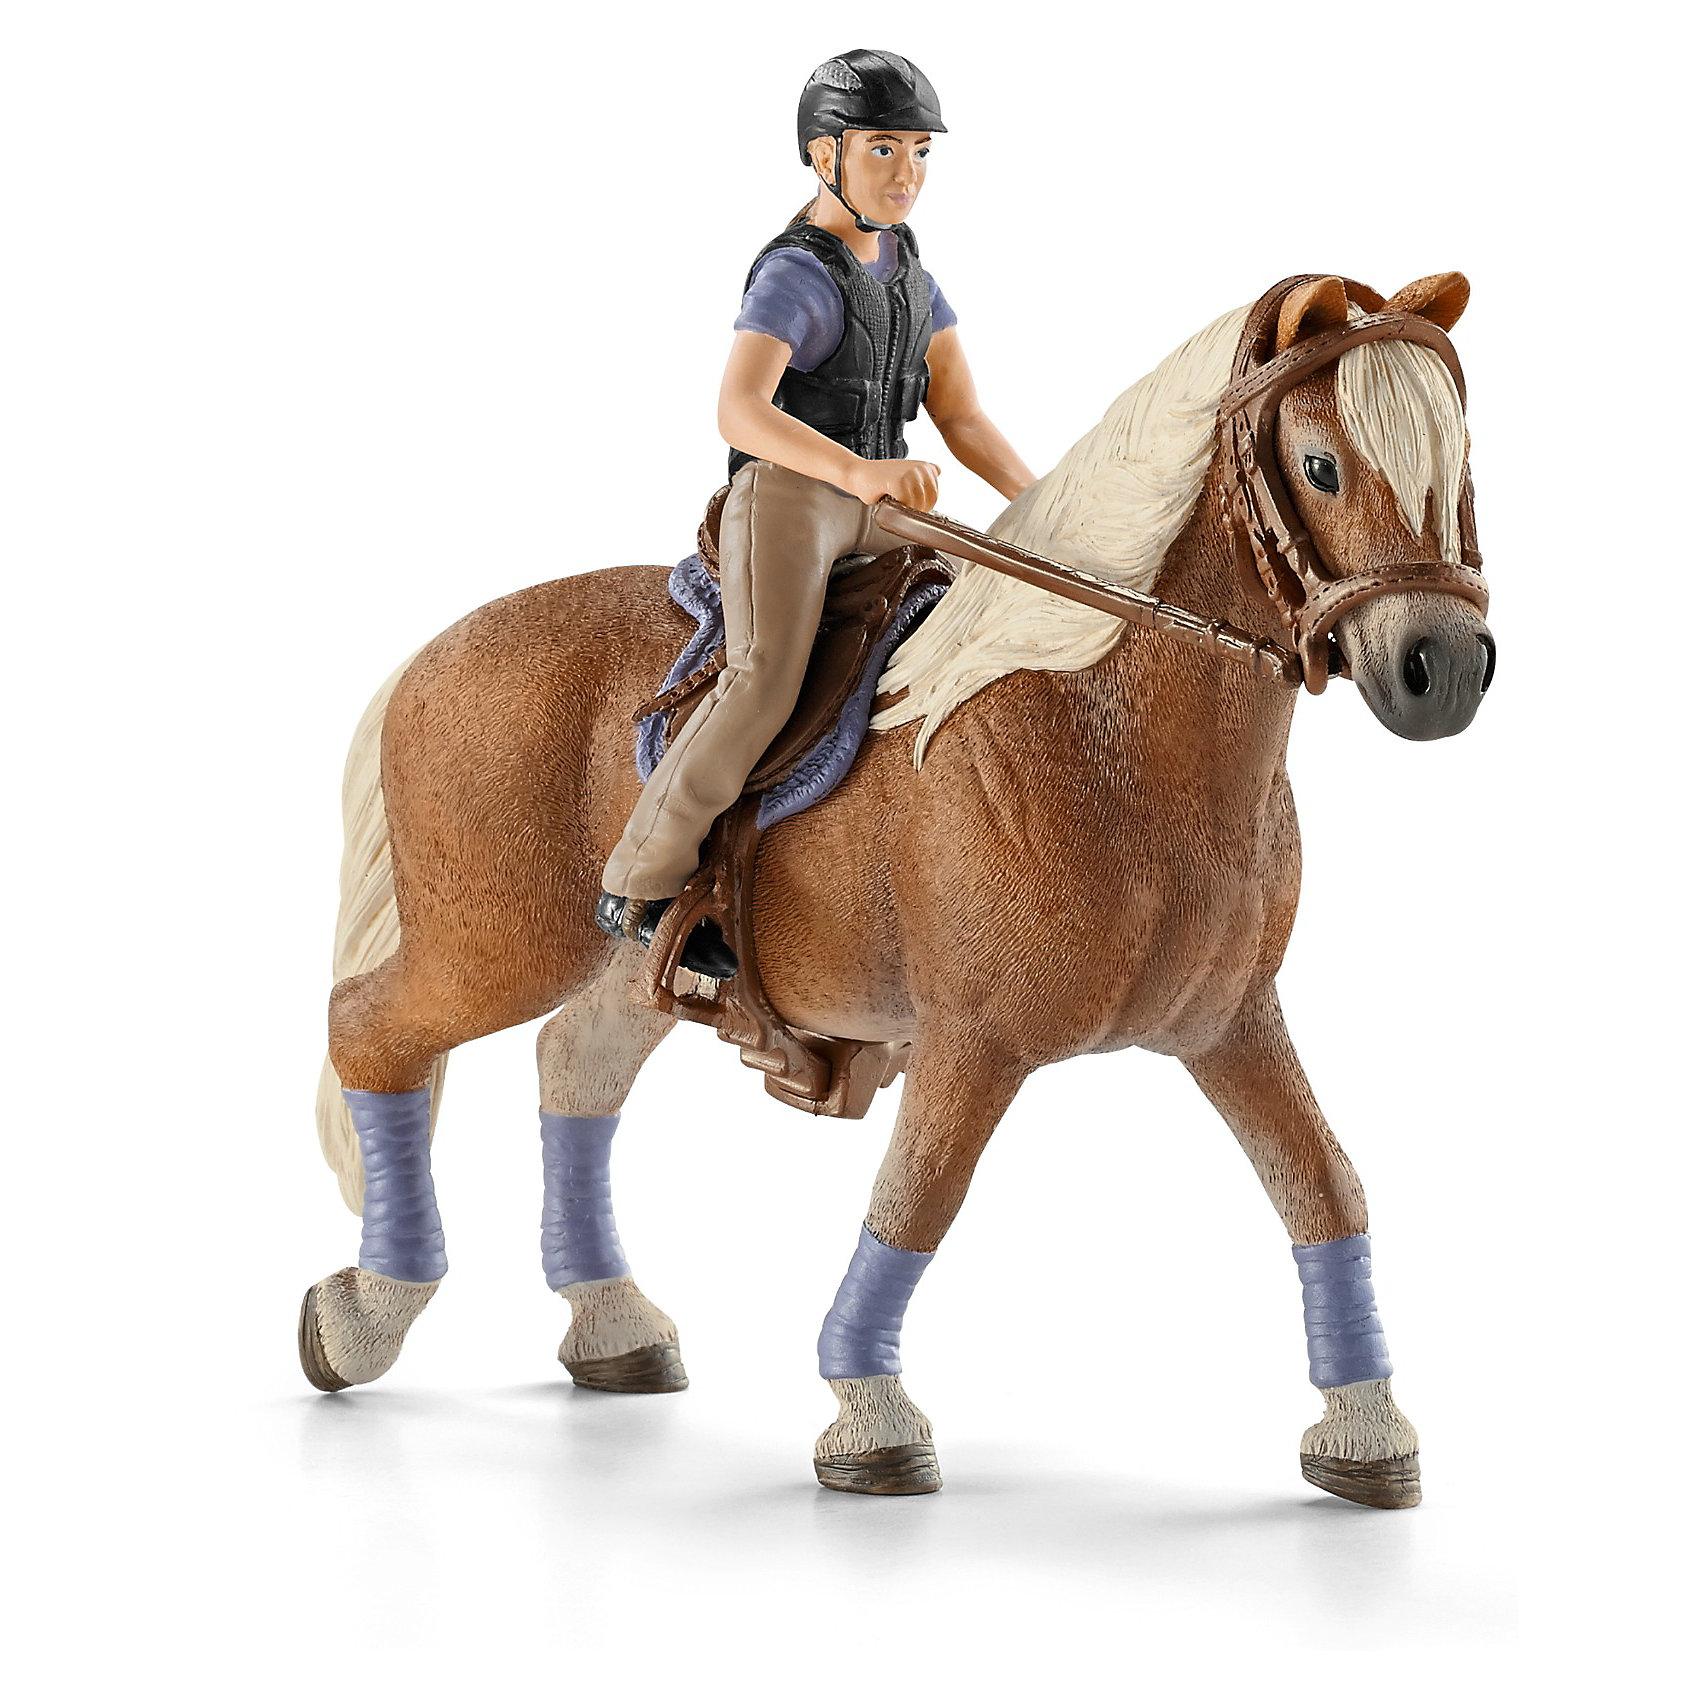 Всадник, SchleichВсадник, Schleich (Шляйх) -– это высококачественный коллекционный и игровой набор.<br><br>Профессиональный наездник грациозно прогуливается верхом на своей белогривой лошадке. Ребенок сможет создать интересную игру с участием реалистичных персонажей от немецкой компании Schleich. <br><br>В наборе представлена фигура наездника в профессиональной одежде для конного спорта, снаряжение для выездки и фигурка лошадки. Наездника и снаряжение легко снимается с лошади и позволяет размещать их на других фигурках лошадок или играть самостоятельно. <br><br>Все детали набора выполнены из качественного каучукового пластика, который безопасен для детей и очень приятен на ощупь. Игрушки Schleich развивают мелкую моторику ребенка. Стимулируют творческое восприятие и позволяют создавать разнообразные сюжетно-ролевые игры с реалистичными персонажами.<br><br> Дополнительная информация:<br><br>-Состав: всадник, лошадь.<br>- Материал: каучуковый пластик.<br><br>Всадника, Schleich (Шляйх), можно купить в нашем интернет-магазине.<br><br>Ширина мм: 189<br>Глубина мм: 162<br>Высота мм: 93<br>Вес г: 200<br>Возраст от месяцев: 36<br>Возраст до месяцев: 96<br>Пол: Женский<br>Возраст: Детский<br>SKU: 3539481